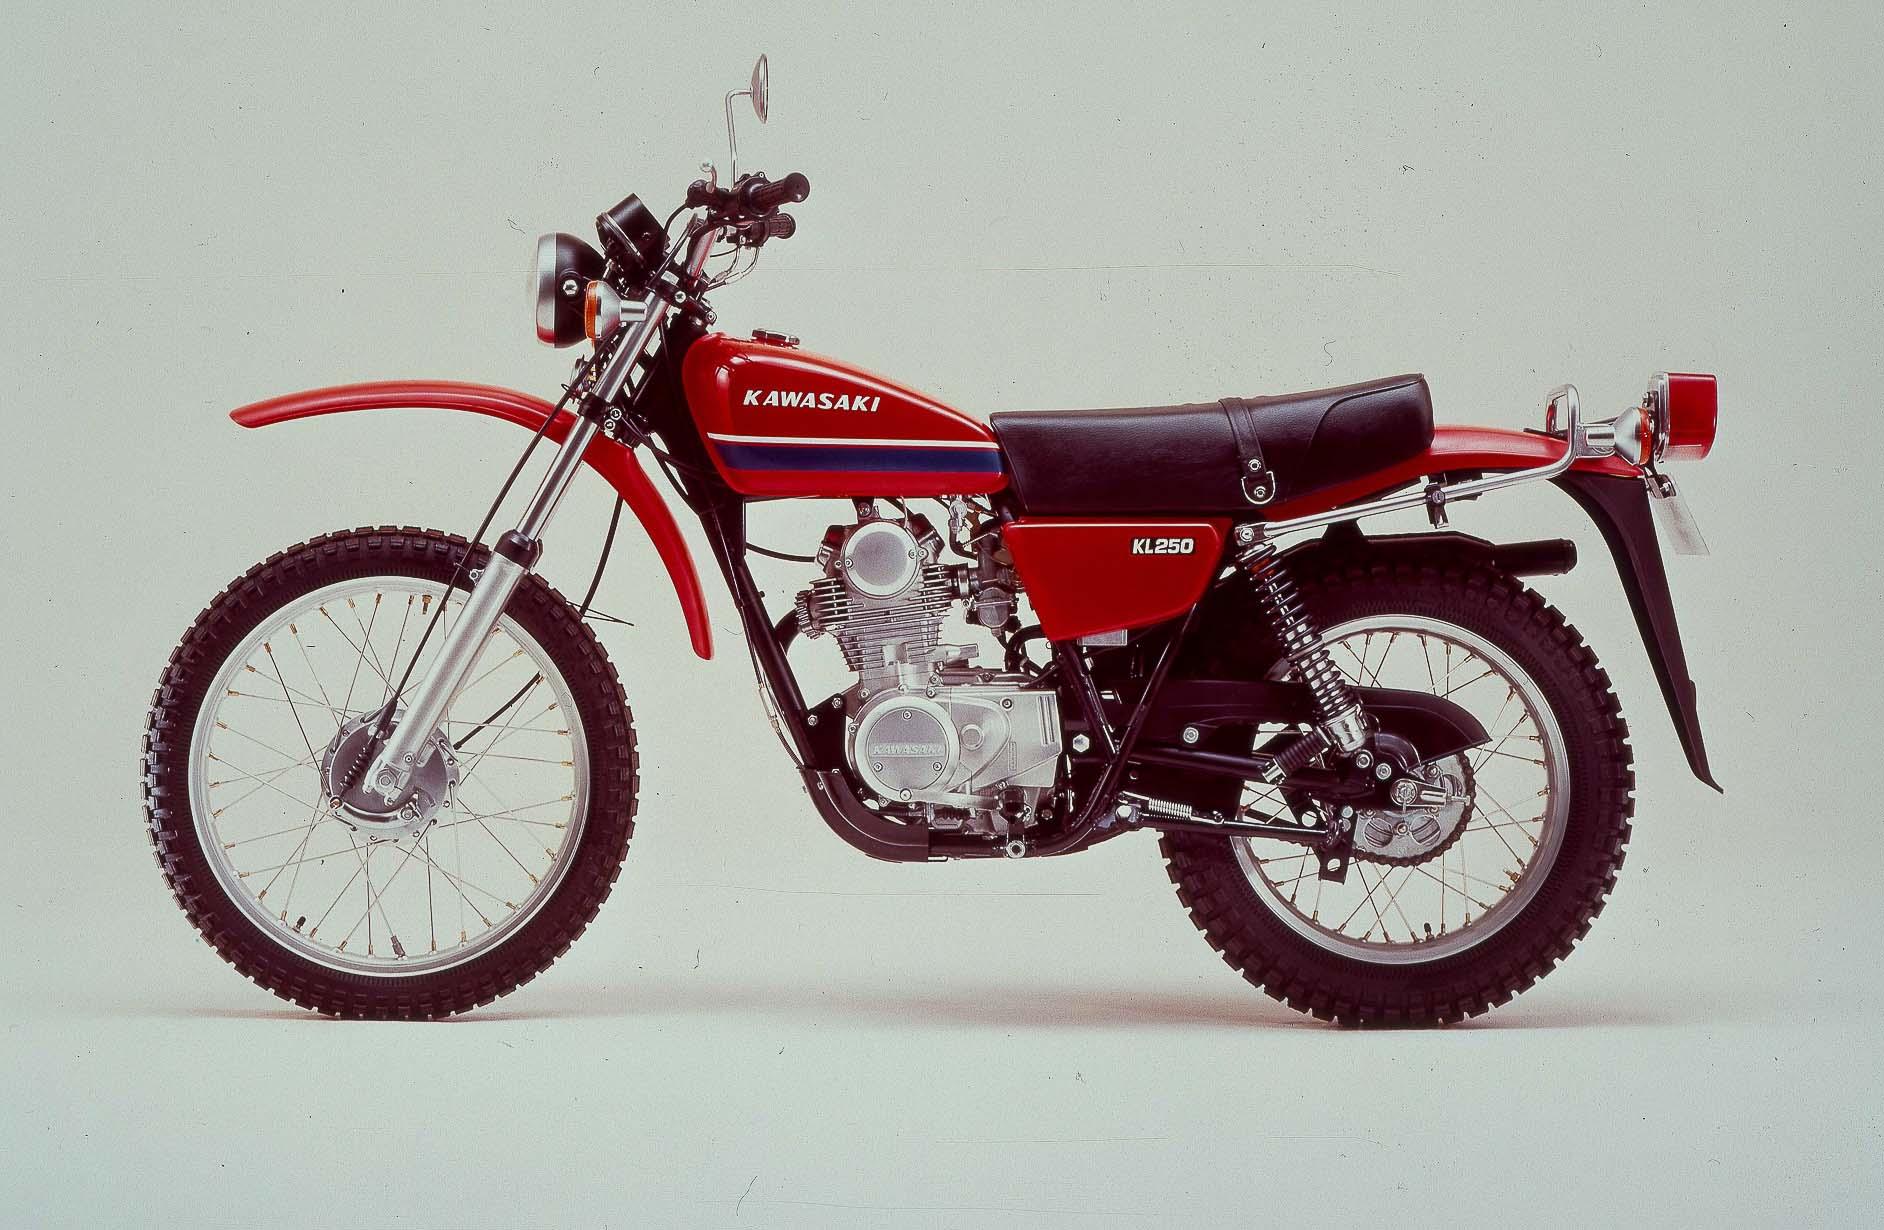 KAWASAKI KL 250 (1977-1984)